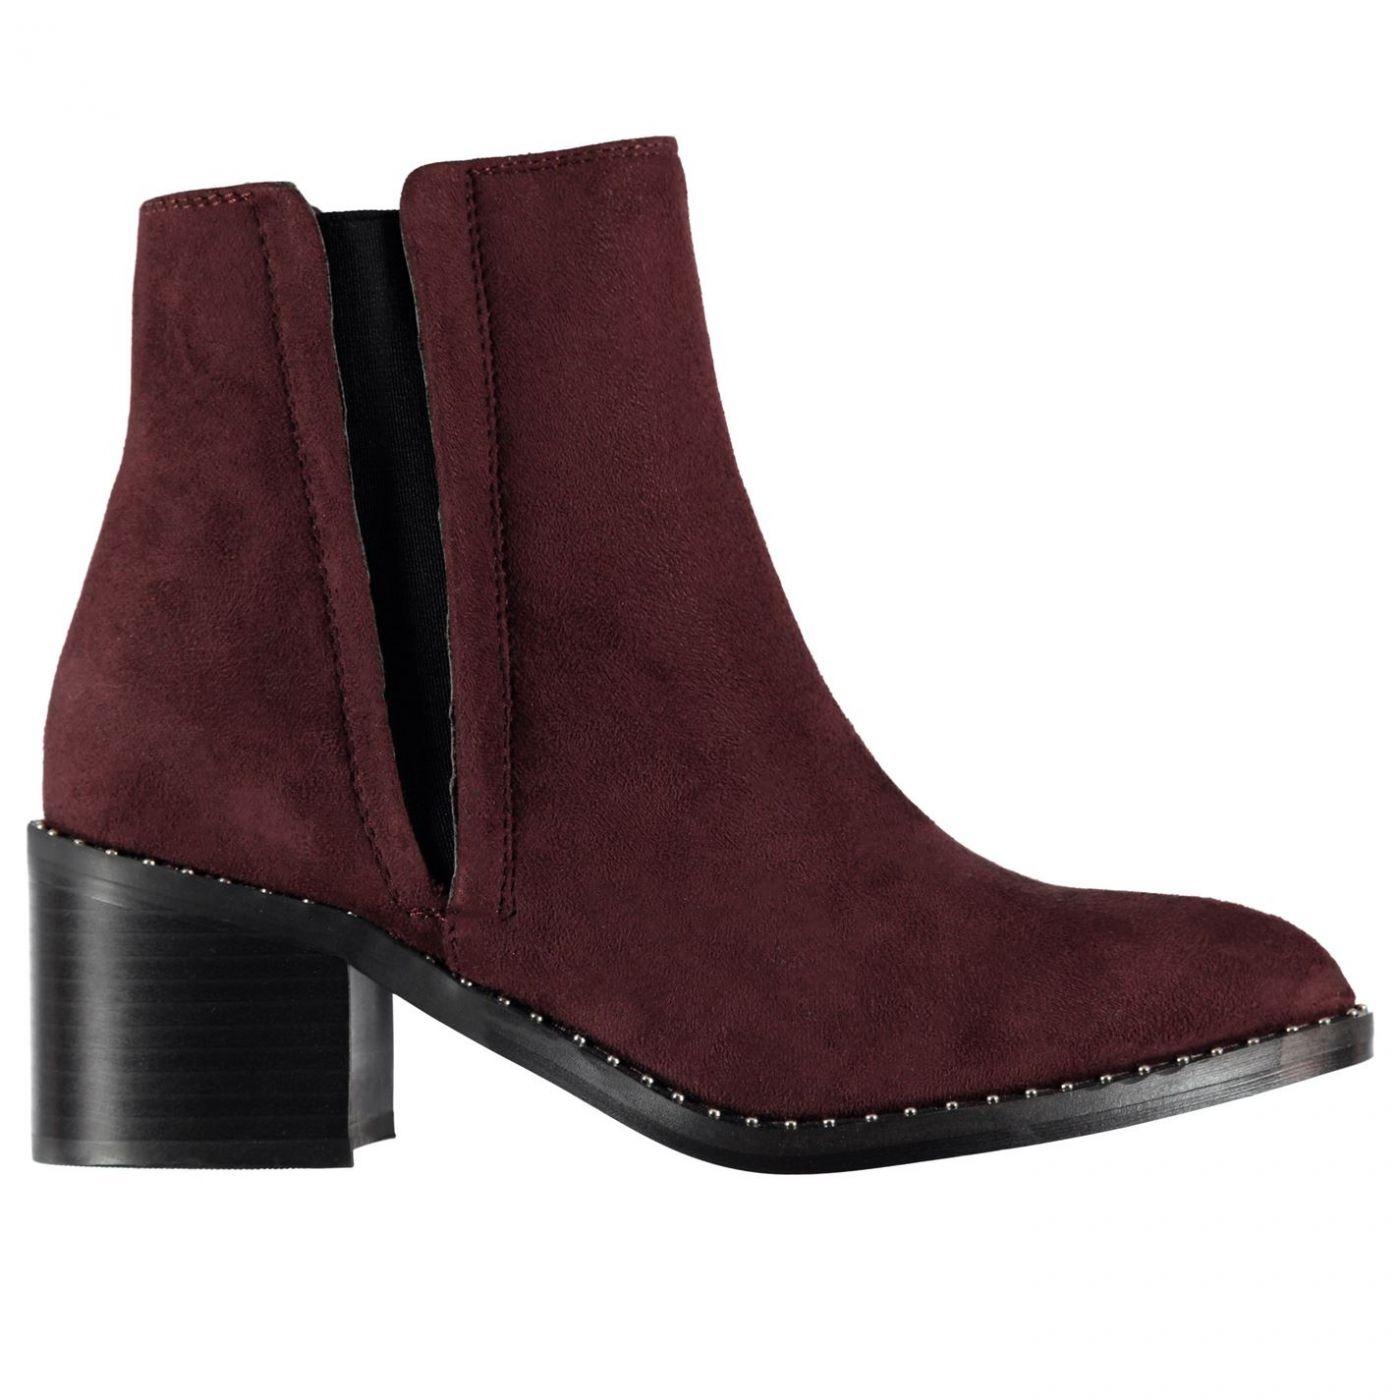 Aldo Crareweth Boots Ladies